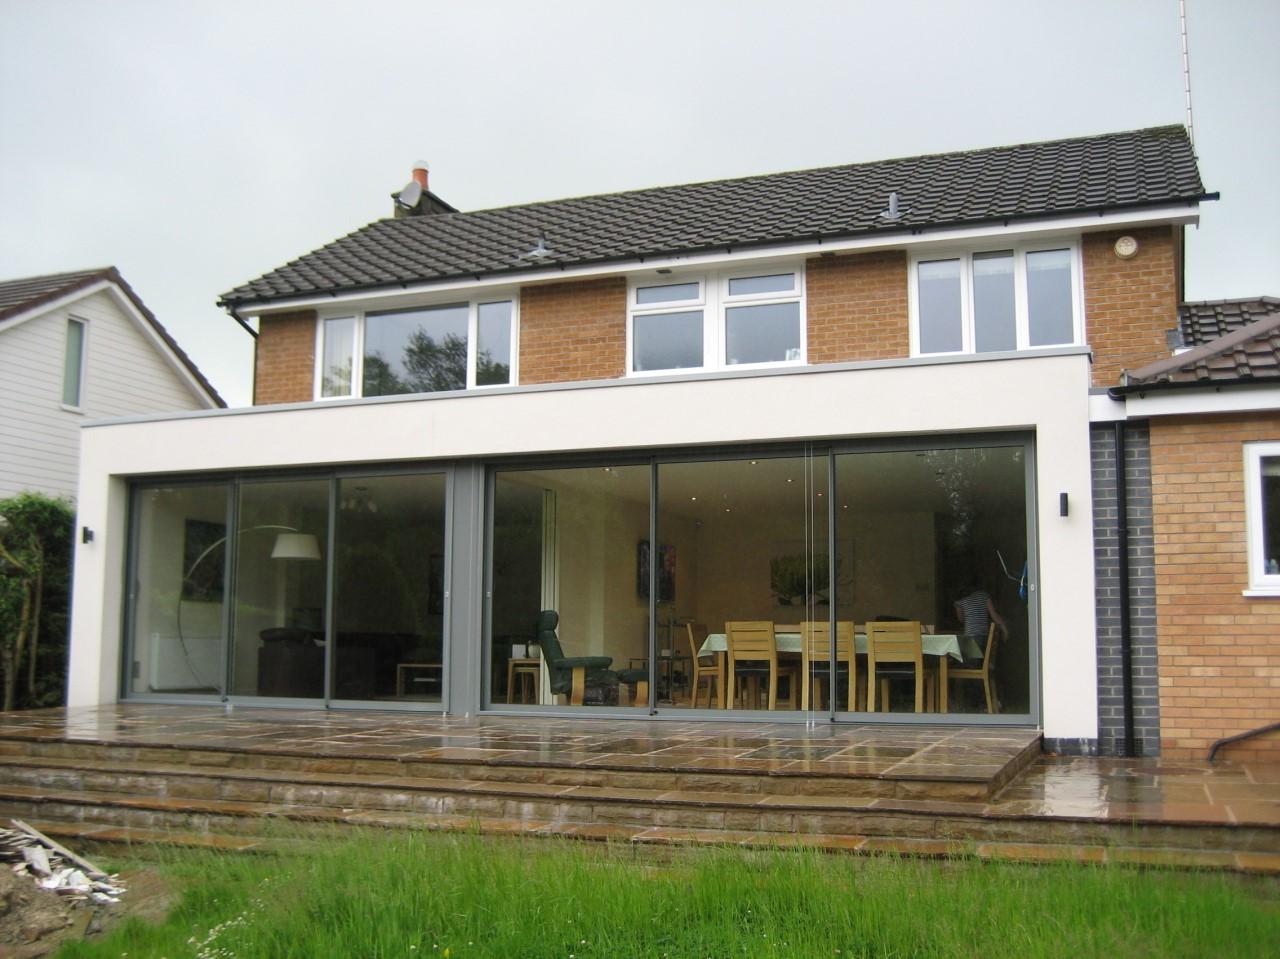 Un moyen judicieux d'utiliser un bâtiment existant, tel qu'une cuisine ou un coin-repas d'un étage ou un garage attenant, consiste à créer une nouvelle extension par-dessus.